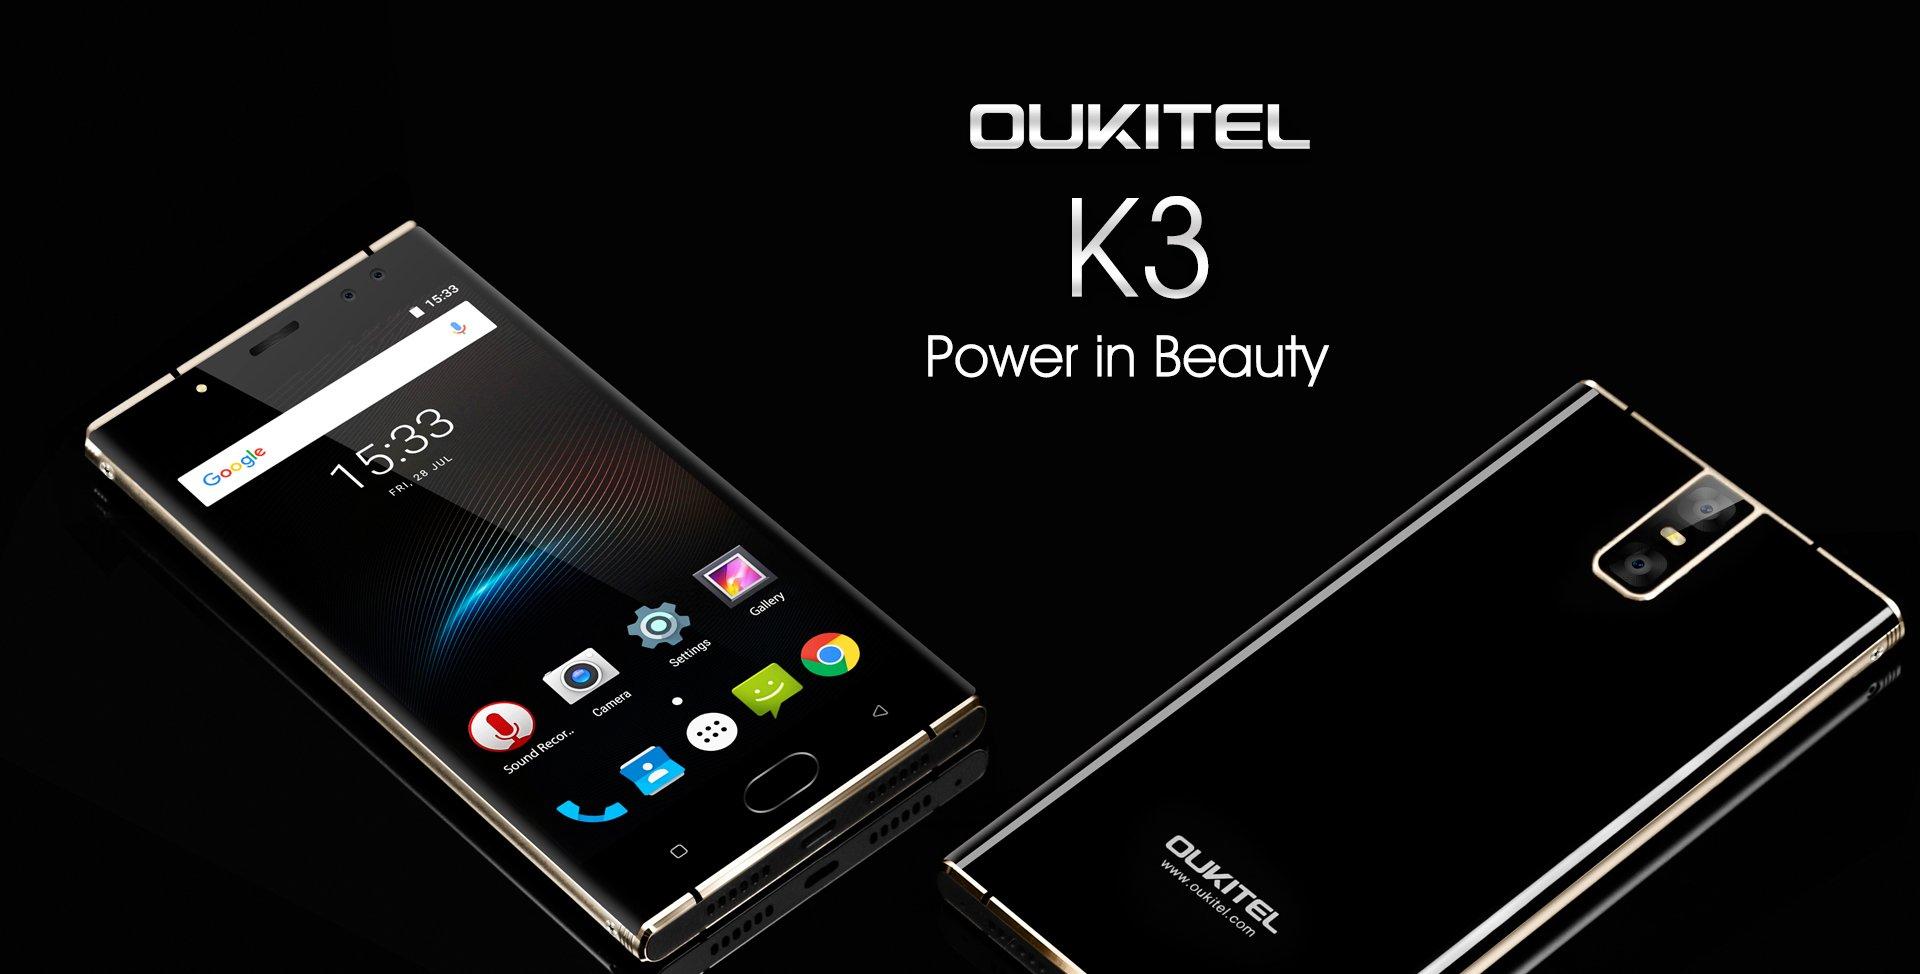 Oukitel K3 ufficiale: quattro fotocamere e batteria da 6000mAh